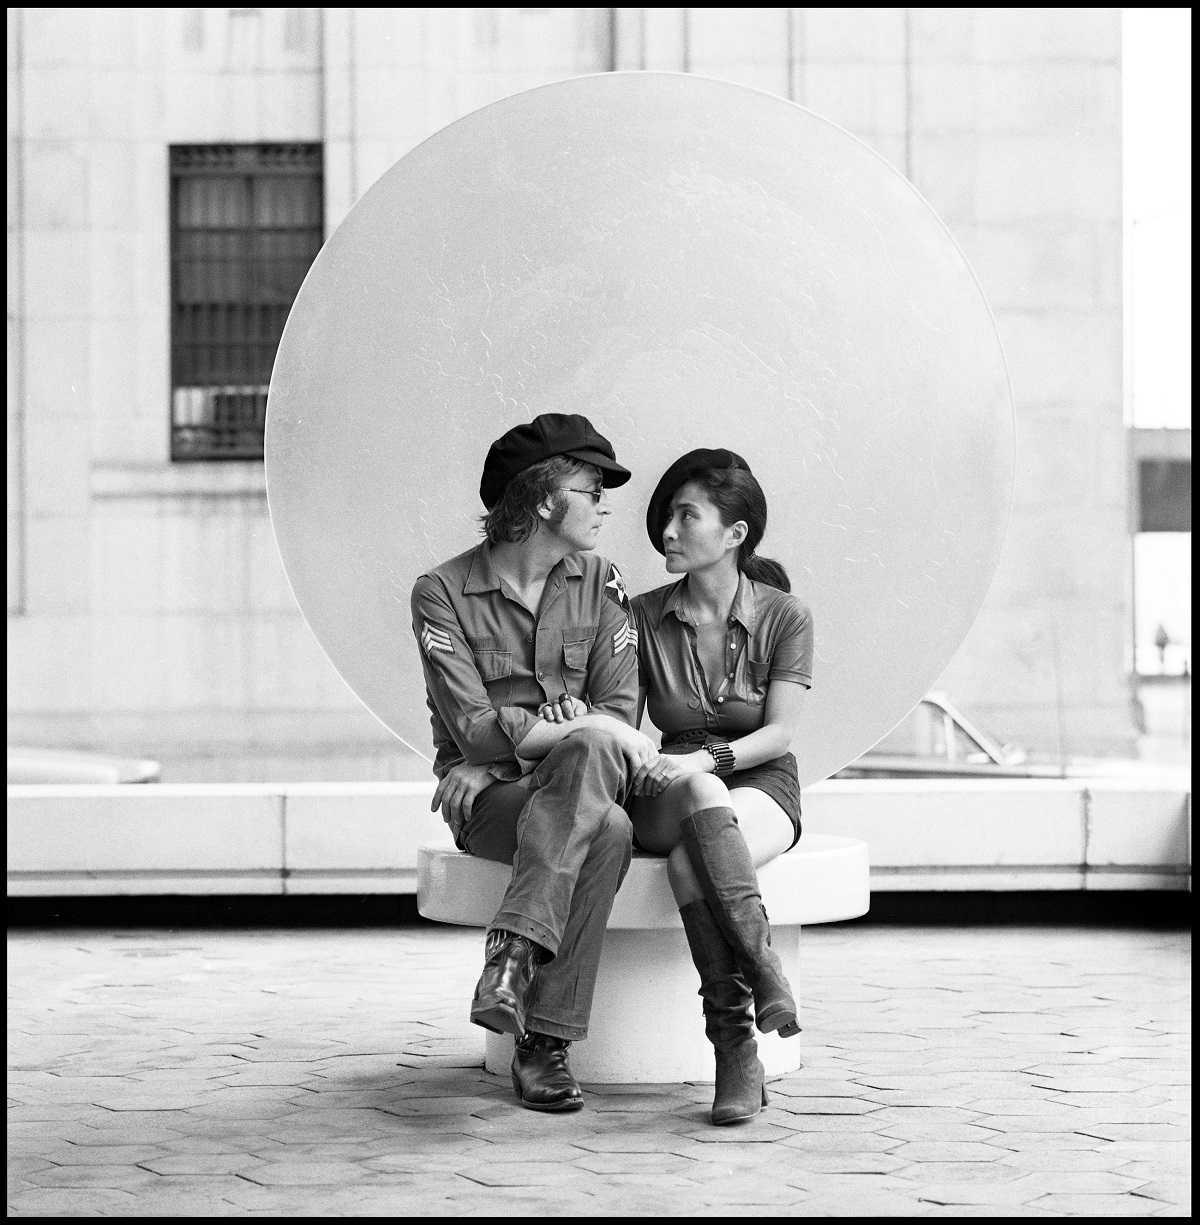 ジョン・レノン  photo by Iain Macmillan (c)Yoko Ono